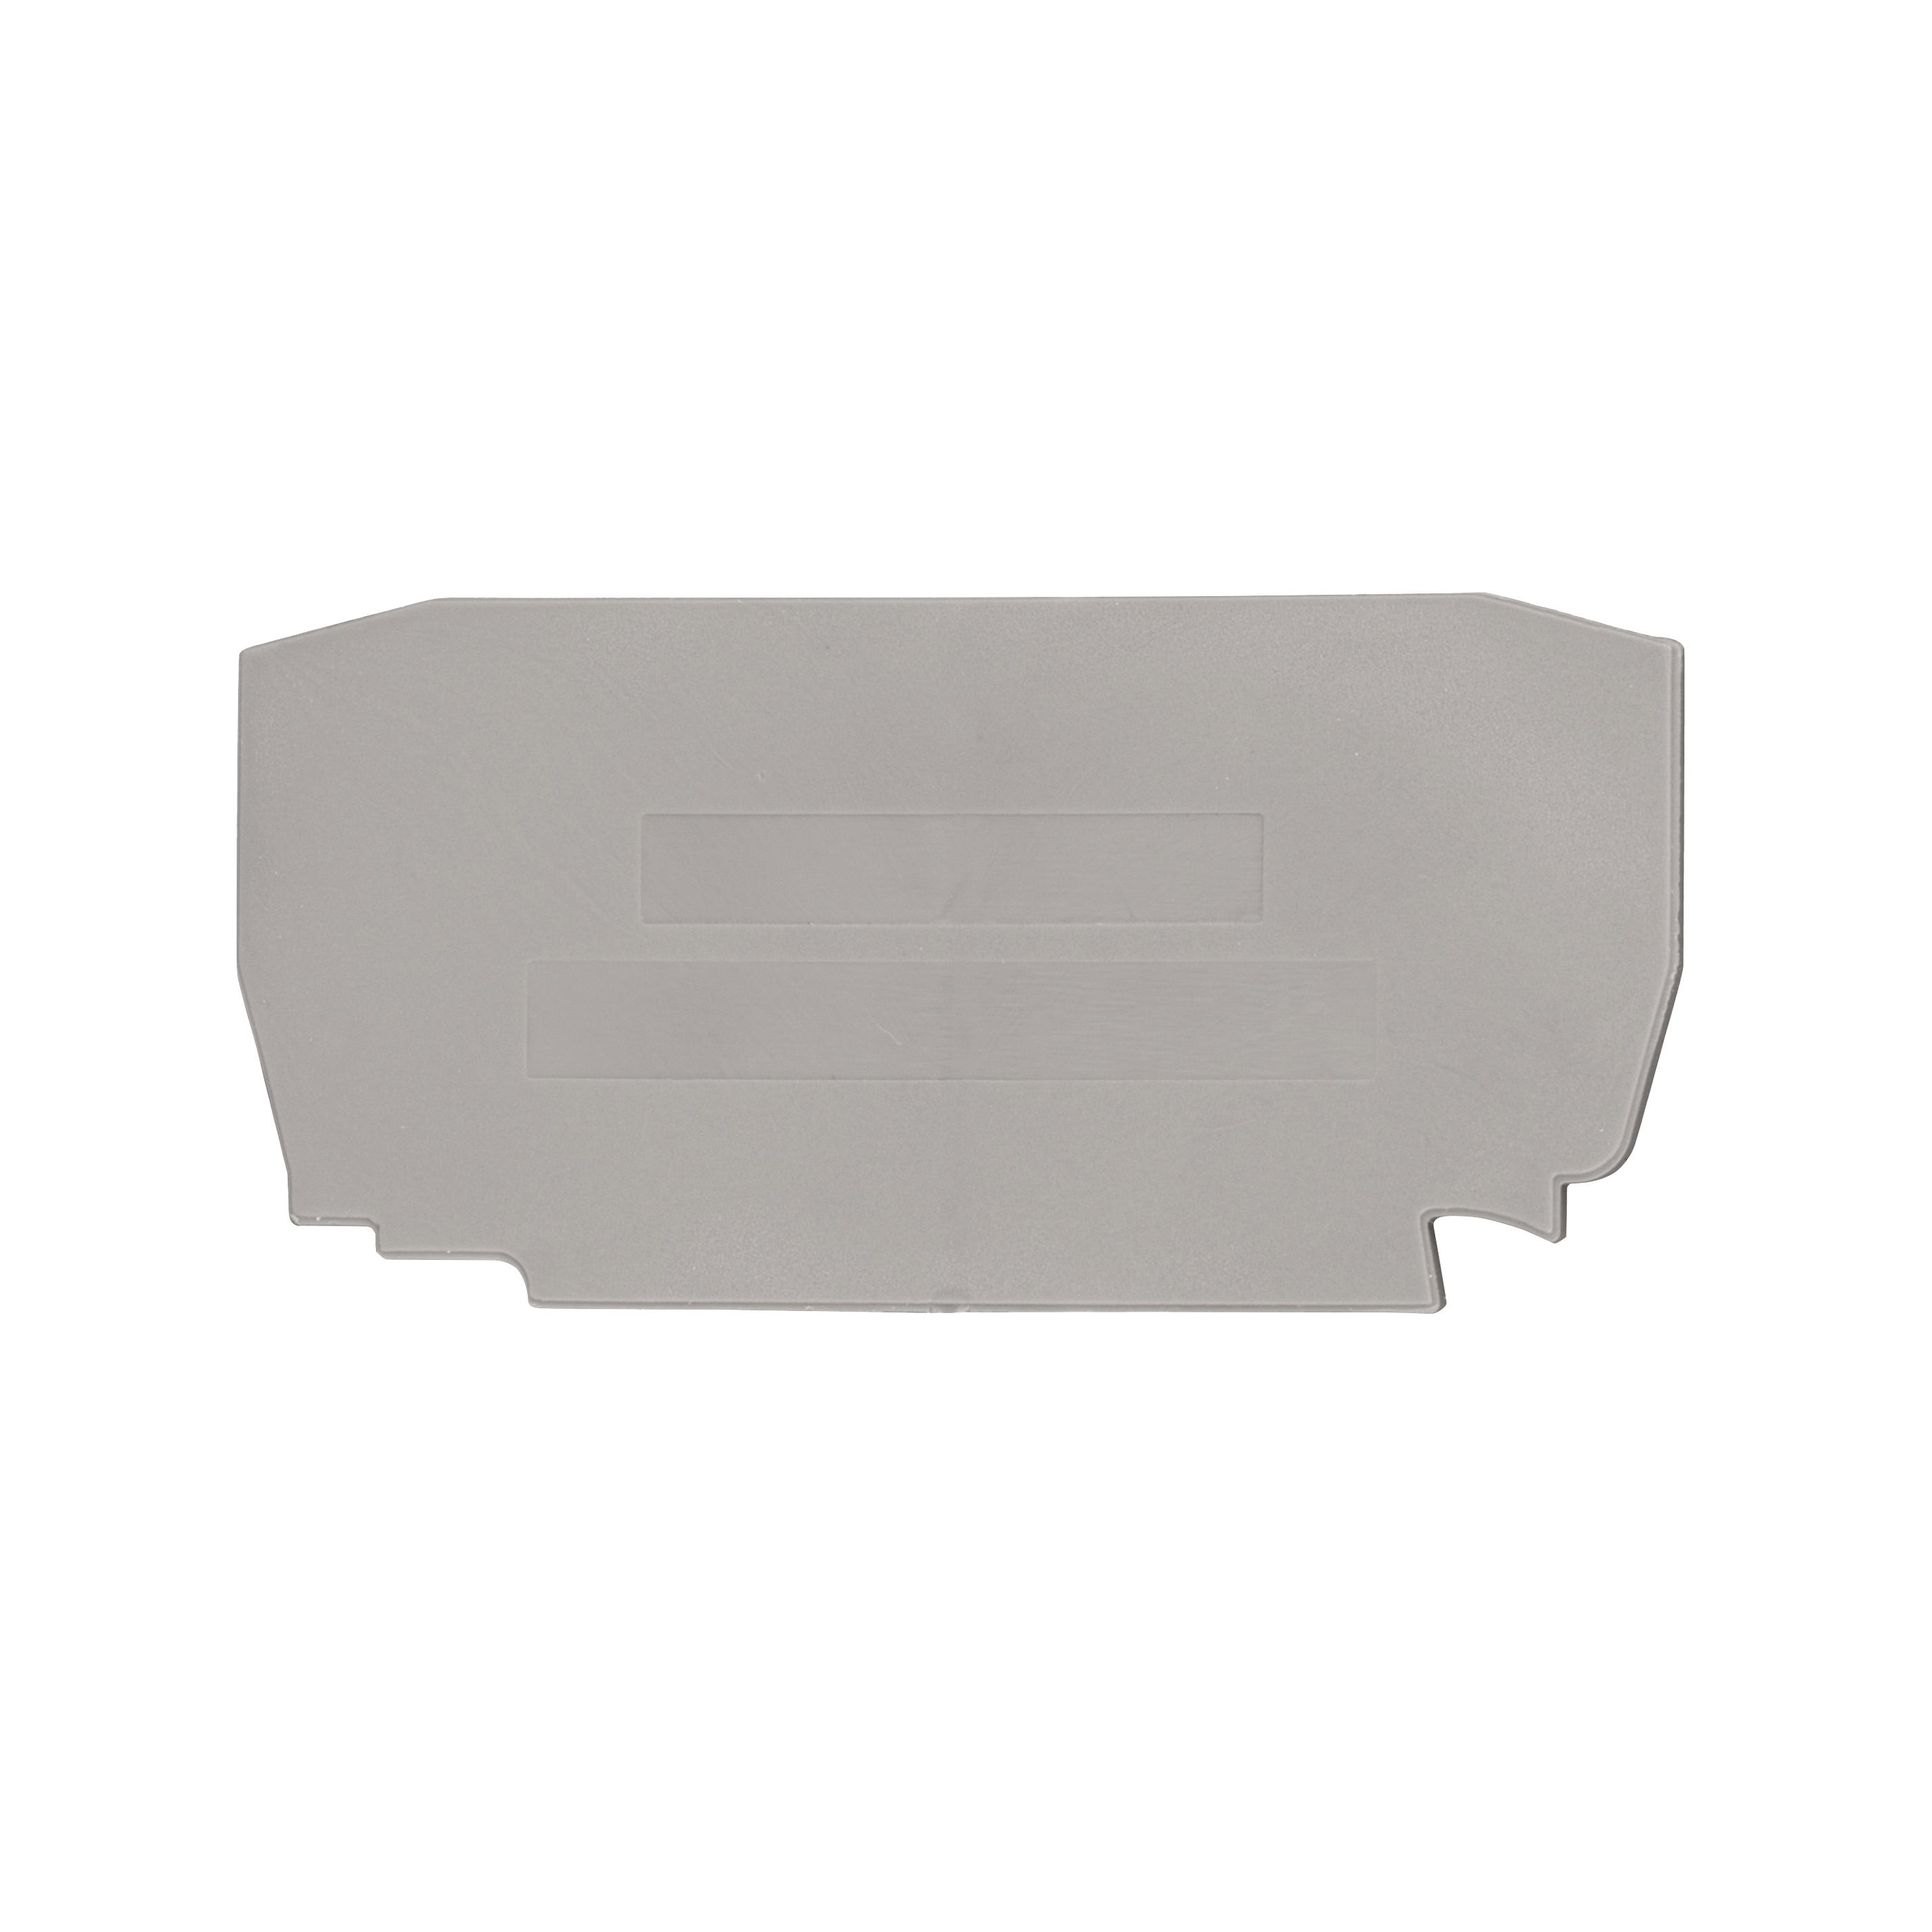 1 Stk Endplatte für Klemme, Type YBK 2,5mm² grau IK610202--